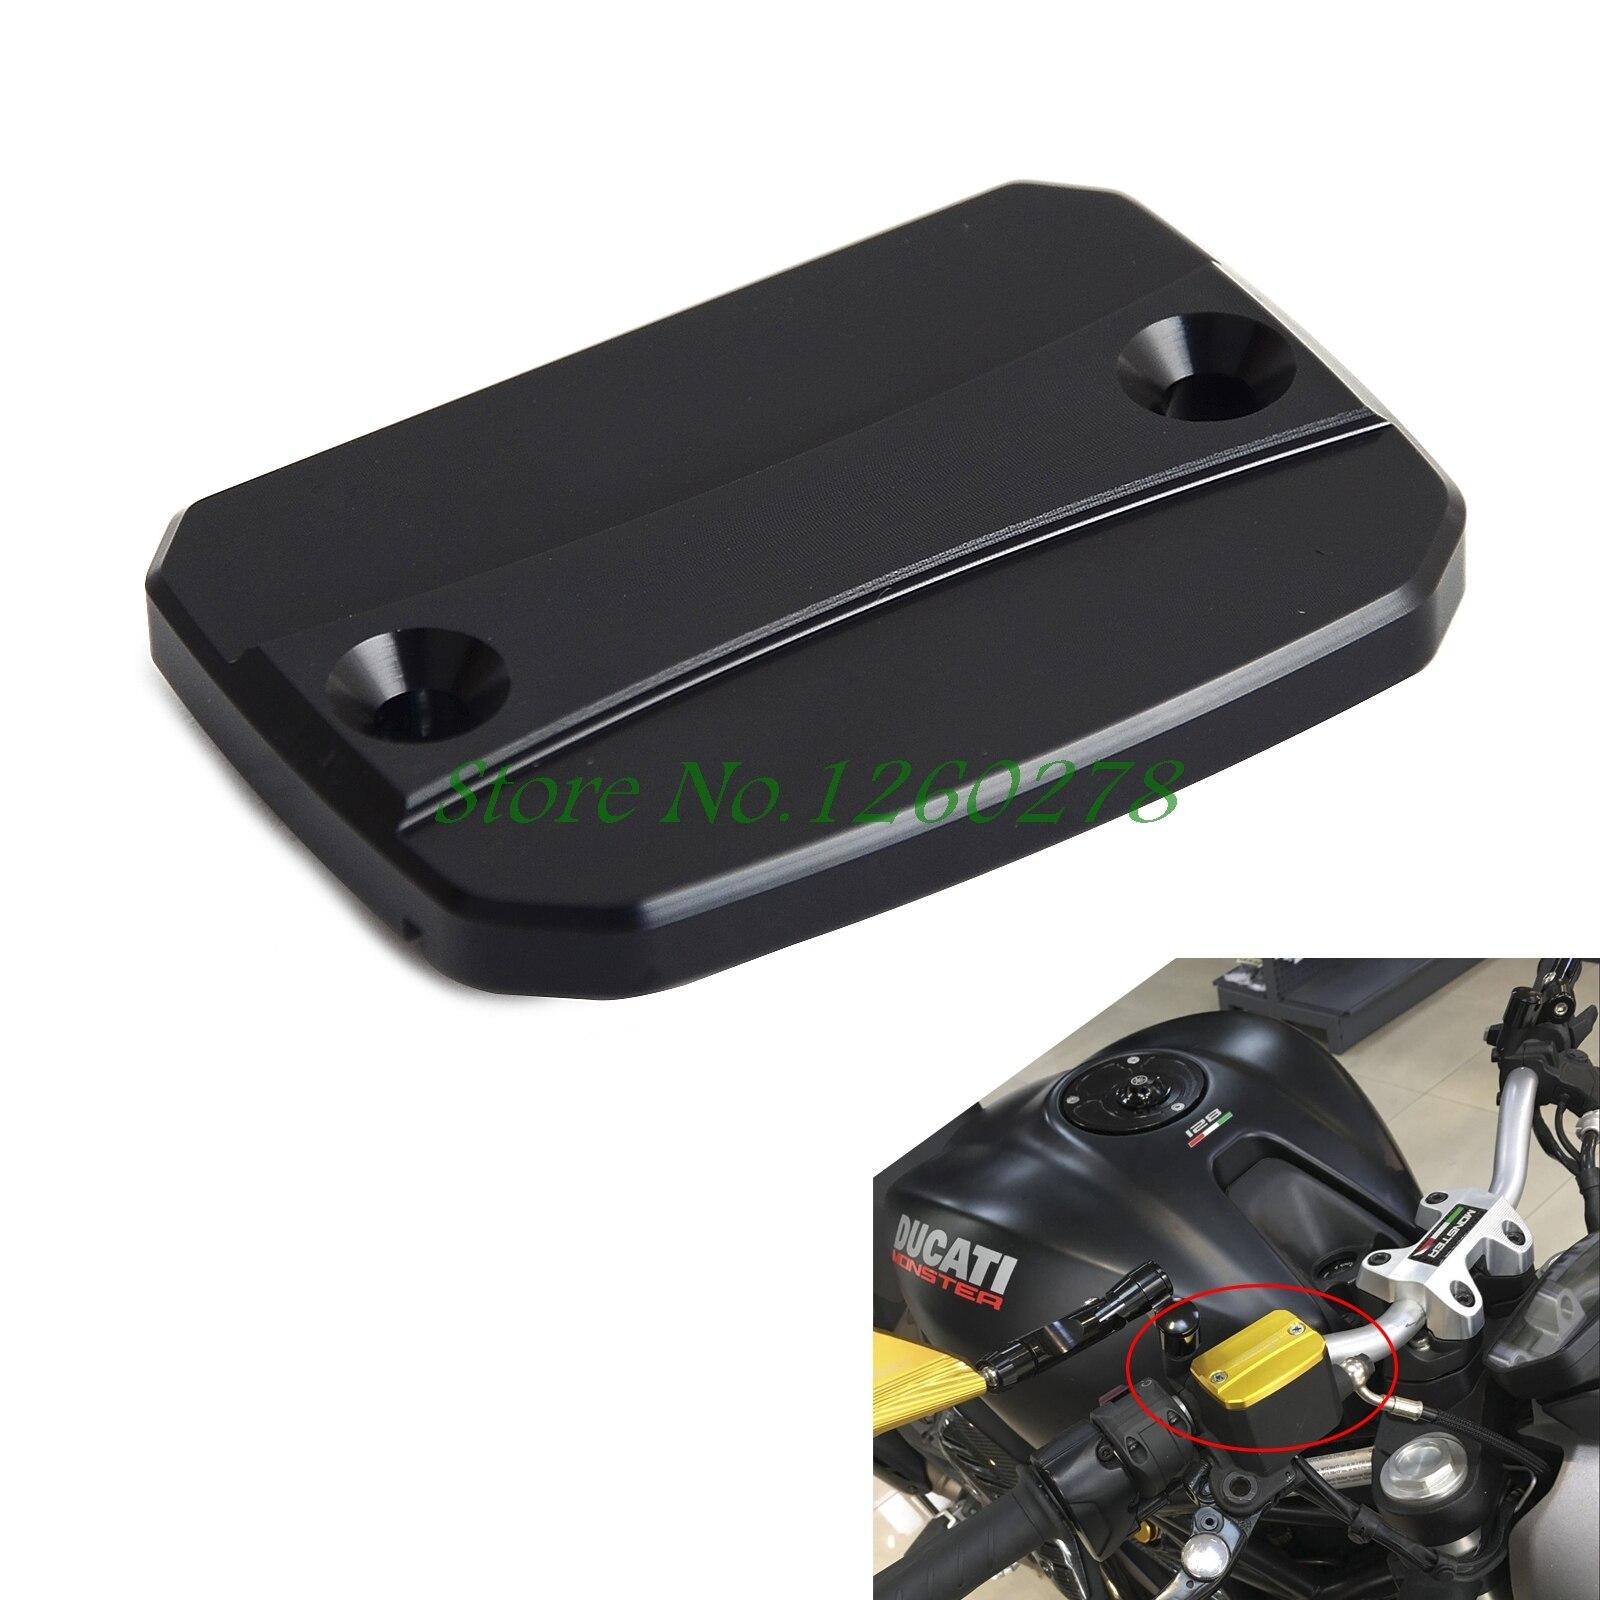 CNC Bremsflüssigkeitsbehälter Cap Für Ducati Monster 620 695 696 796 821 S2R Multistrada 620 Hypermotard 796